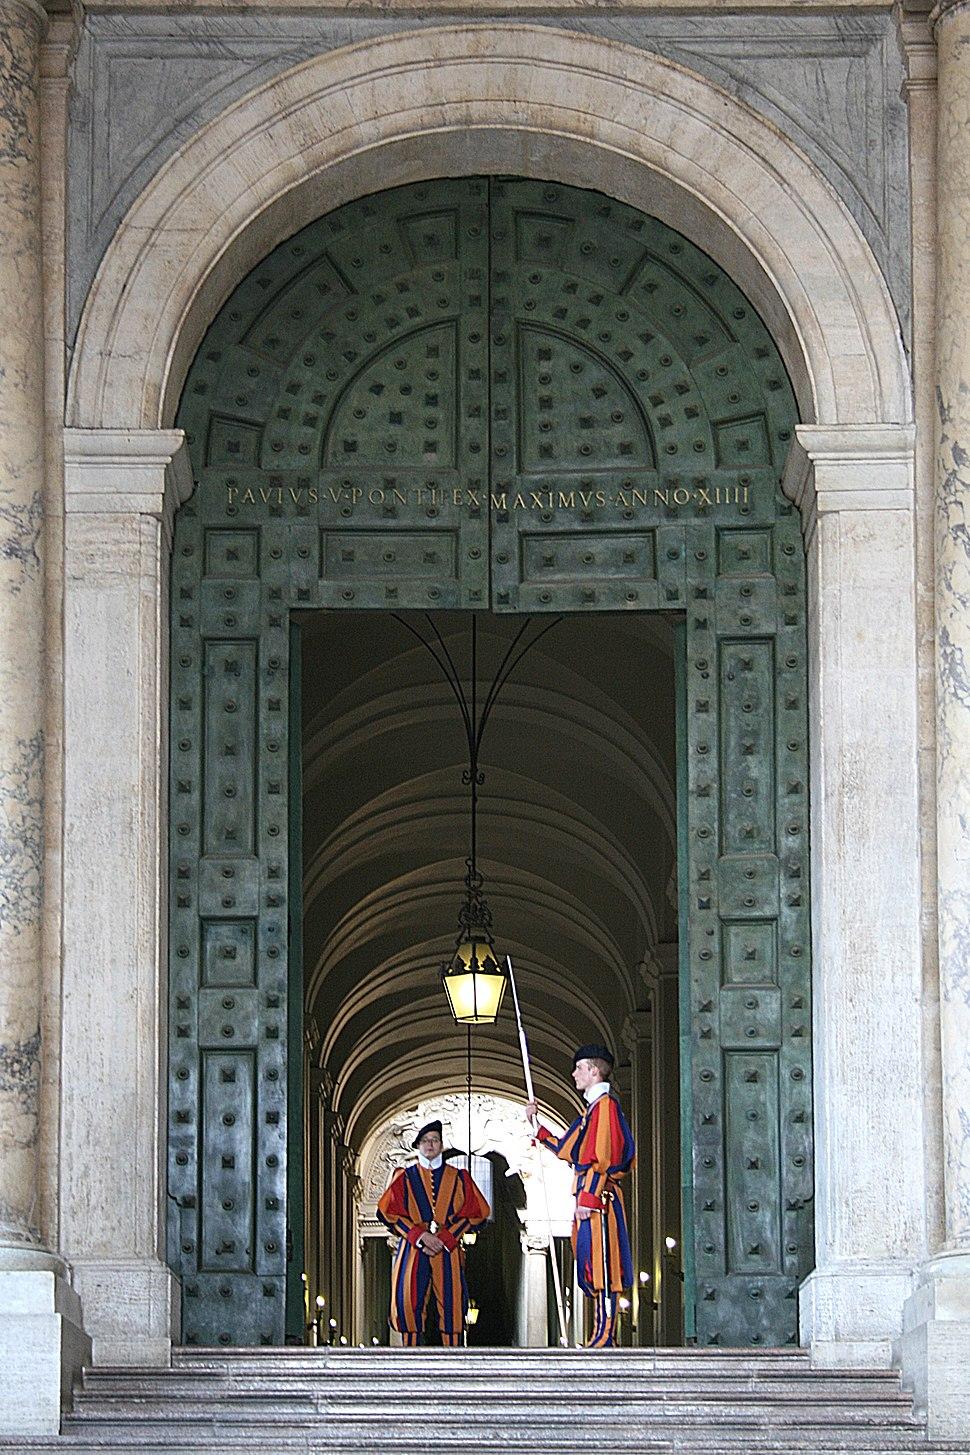 0 Gardes suisses - Porte de bronze - Entrée du Palais apostolique du Vatican